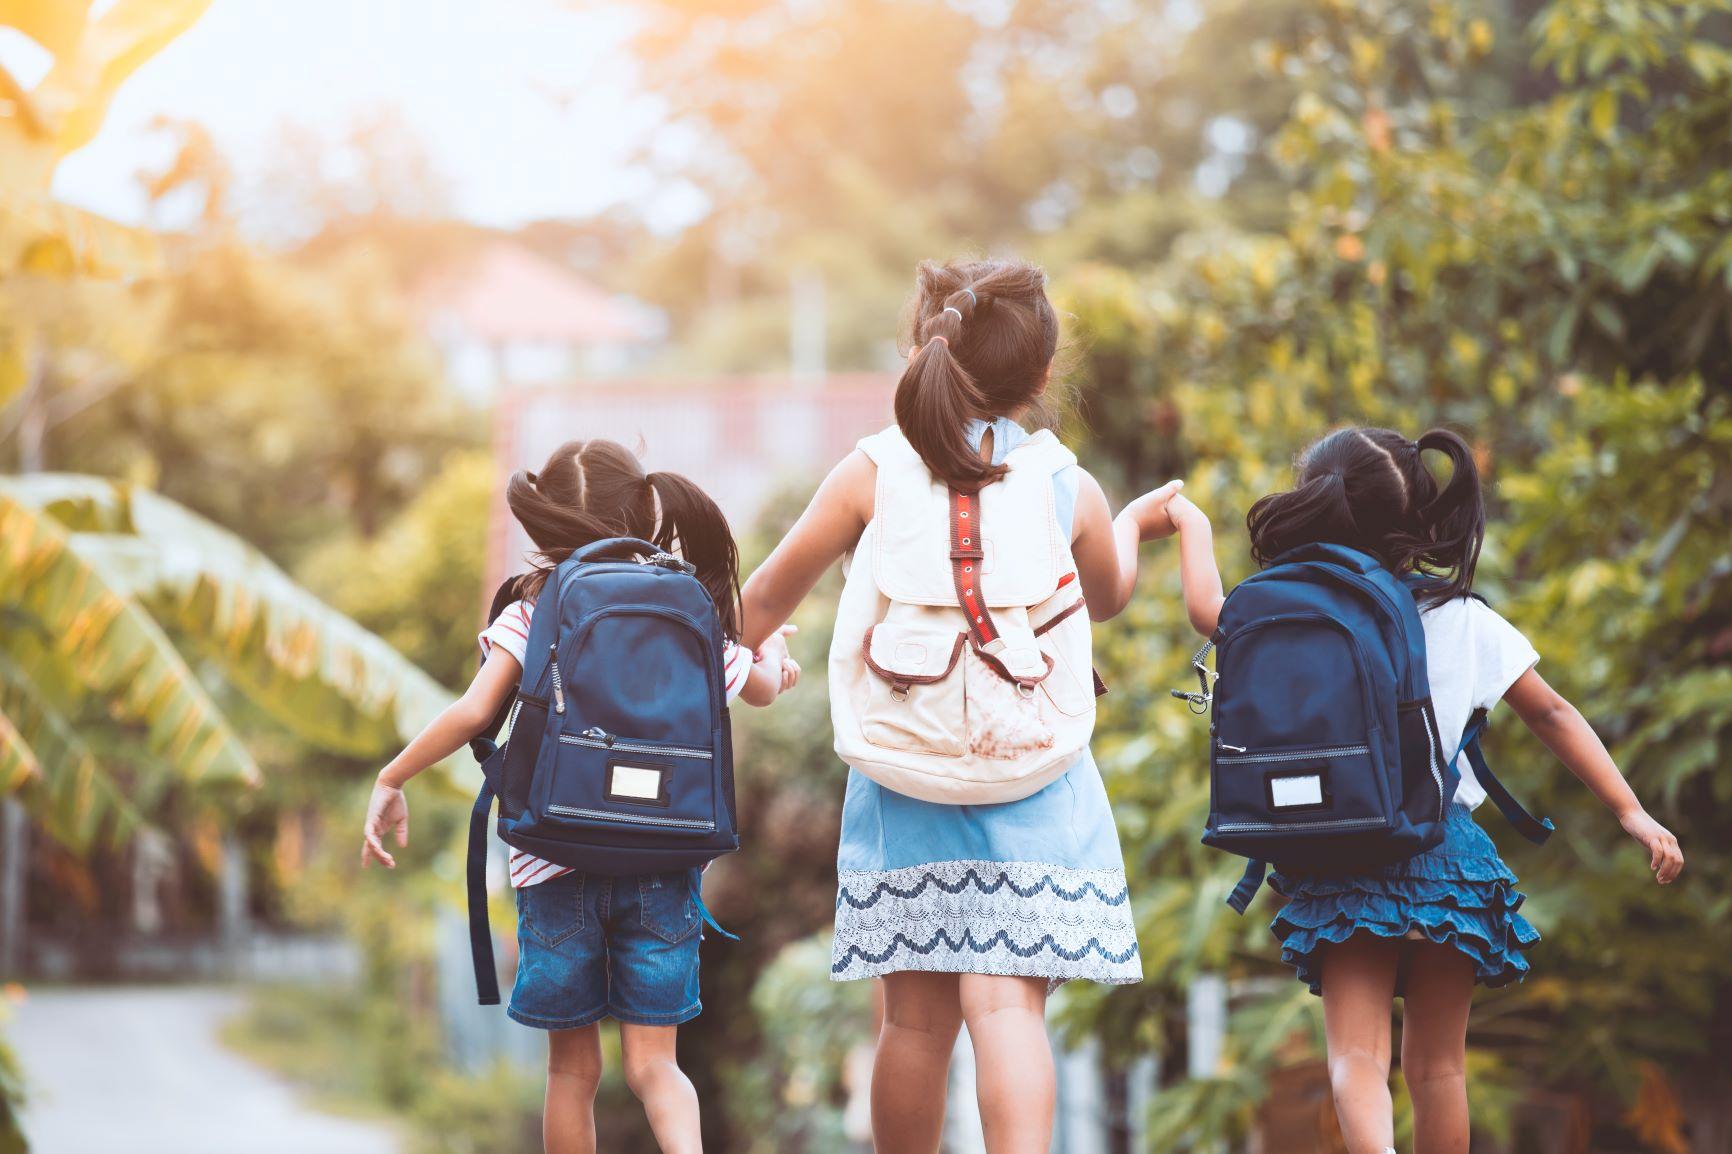 6 แนวปฏิบัติเตรียมพร้อมเปิดเรียนปลอดภัย thaihealth